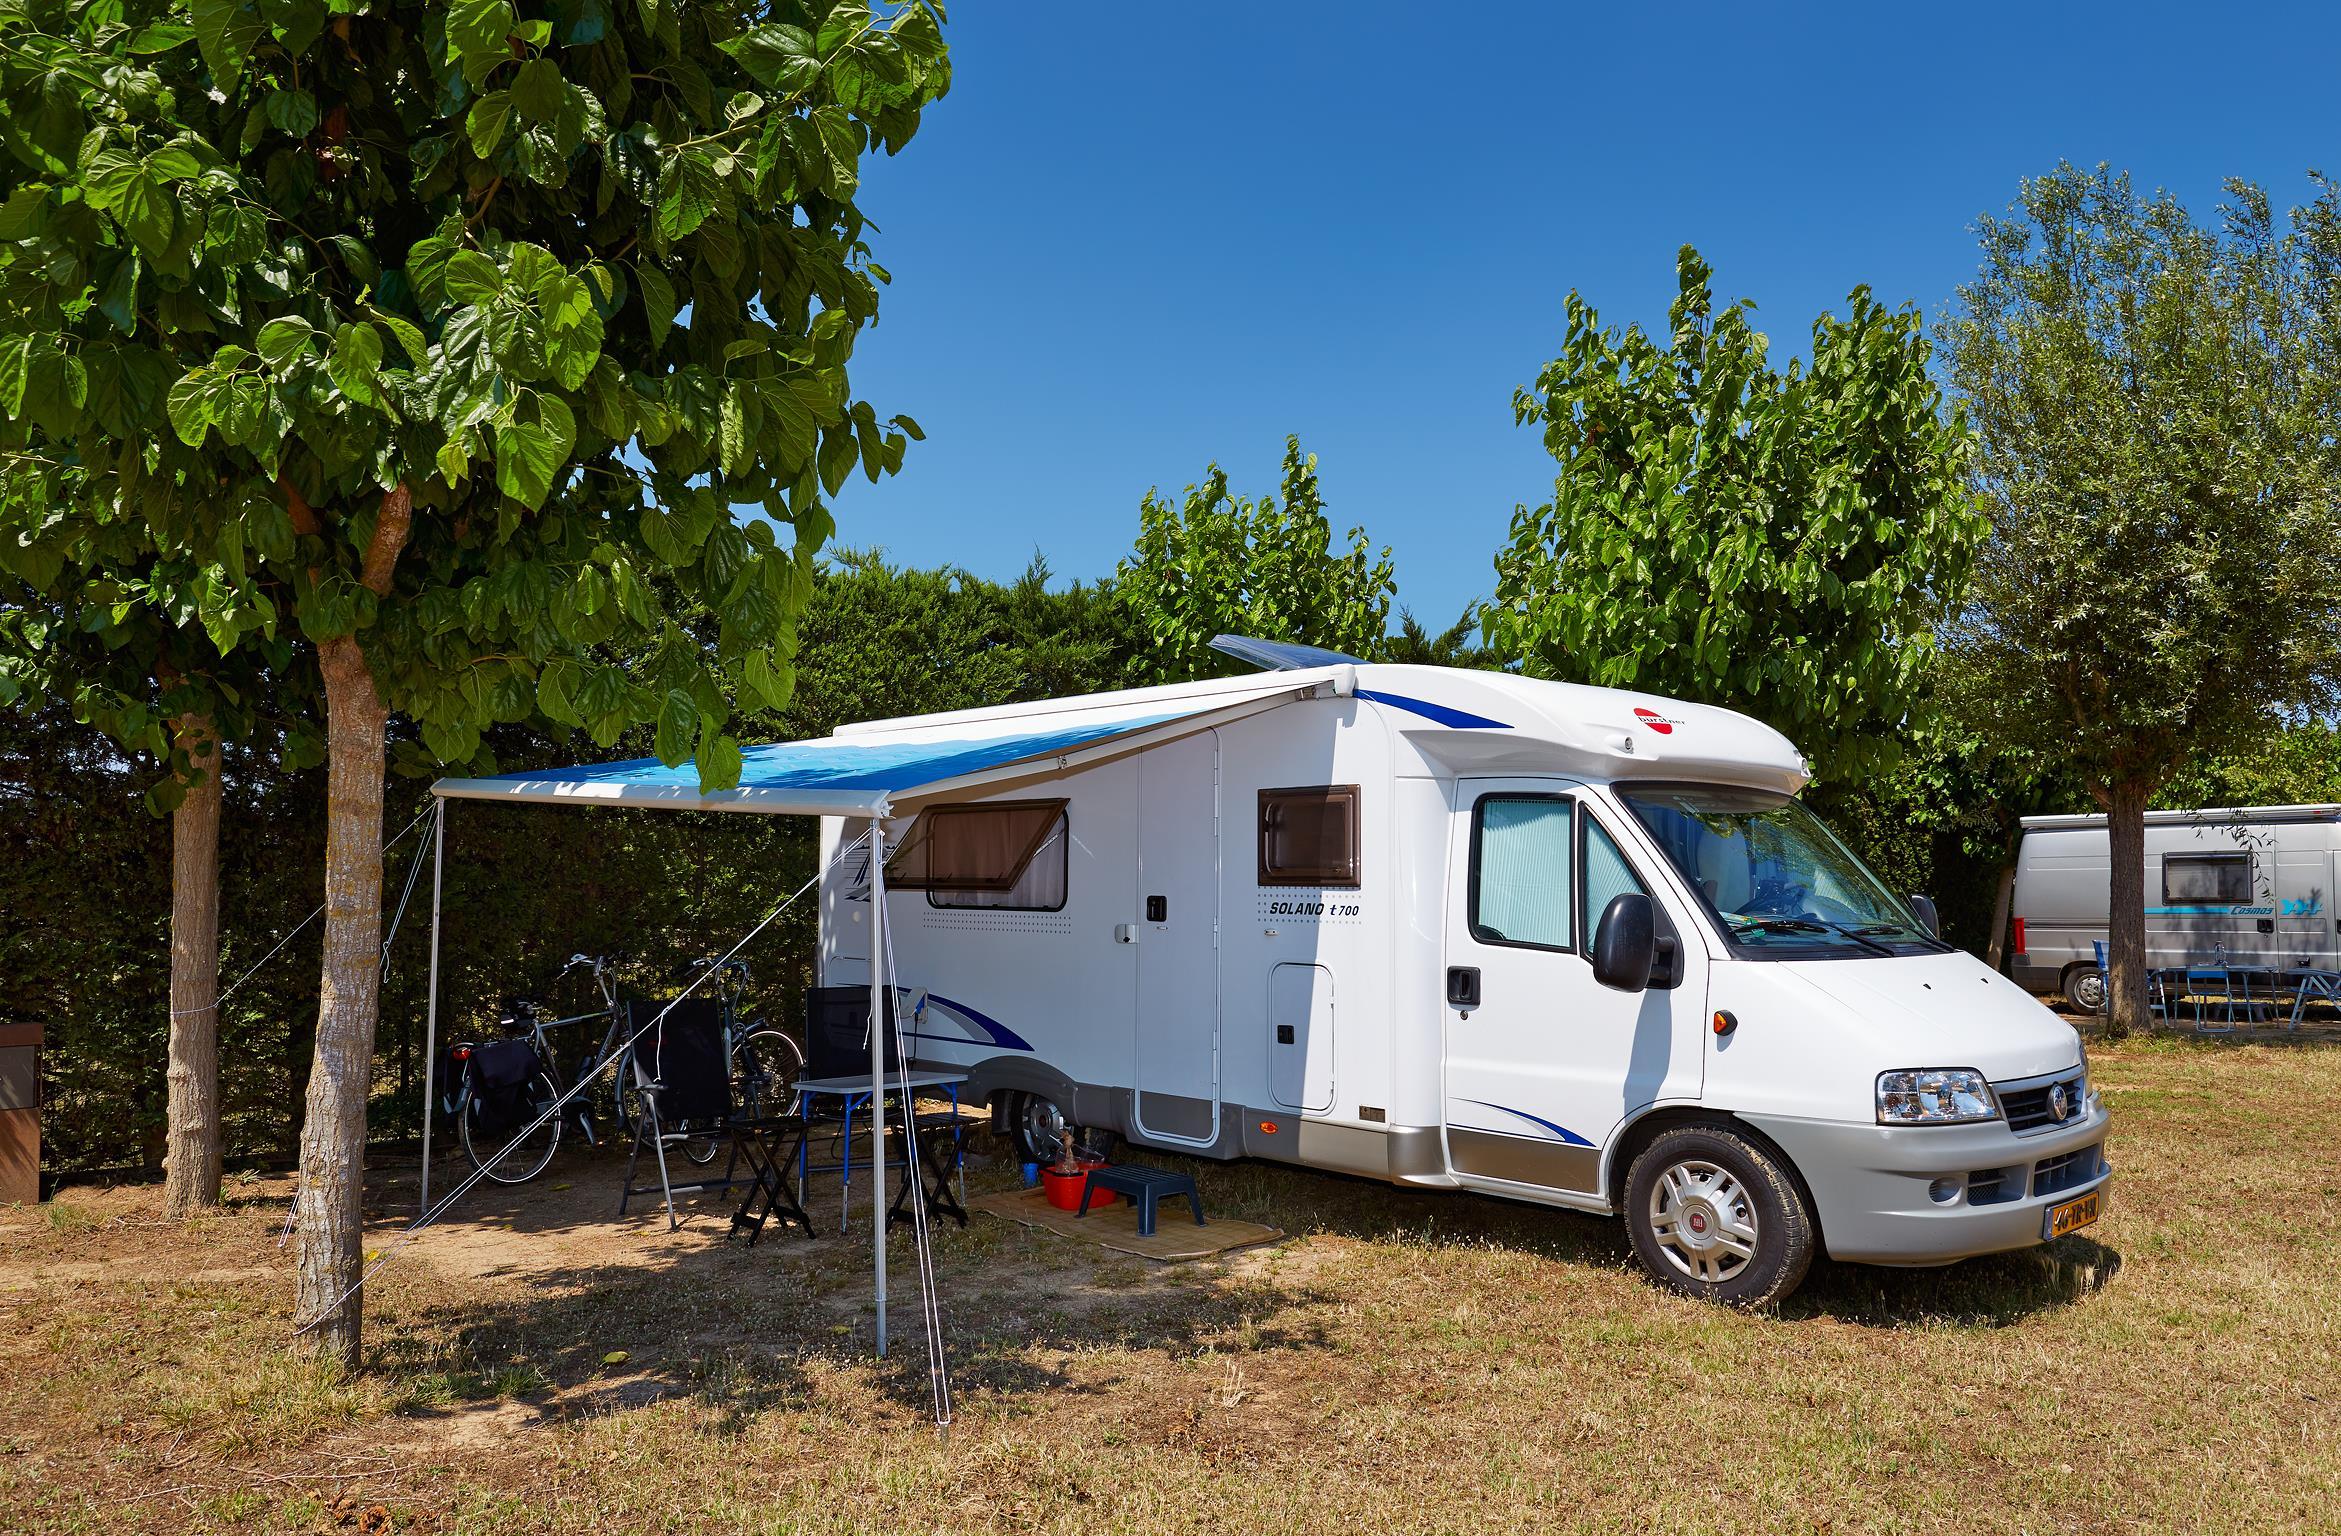 Emplacement - Emplacement Confort Plus - Voiture + Caravane Ou Camping-Car + Électricité 10A - Camping Salatà